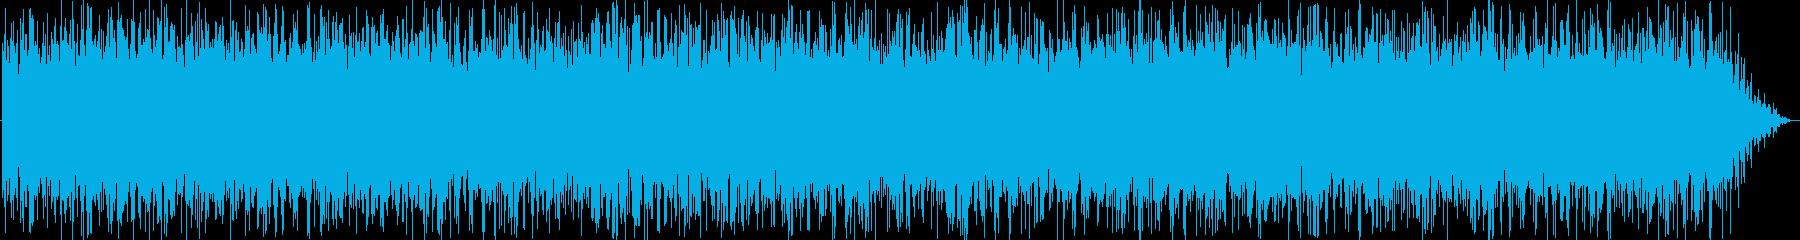 イメージ クレイジーディジュリドゥ02の再生済みの波形